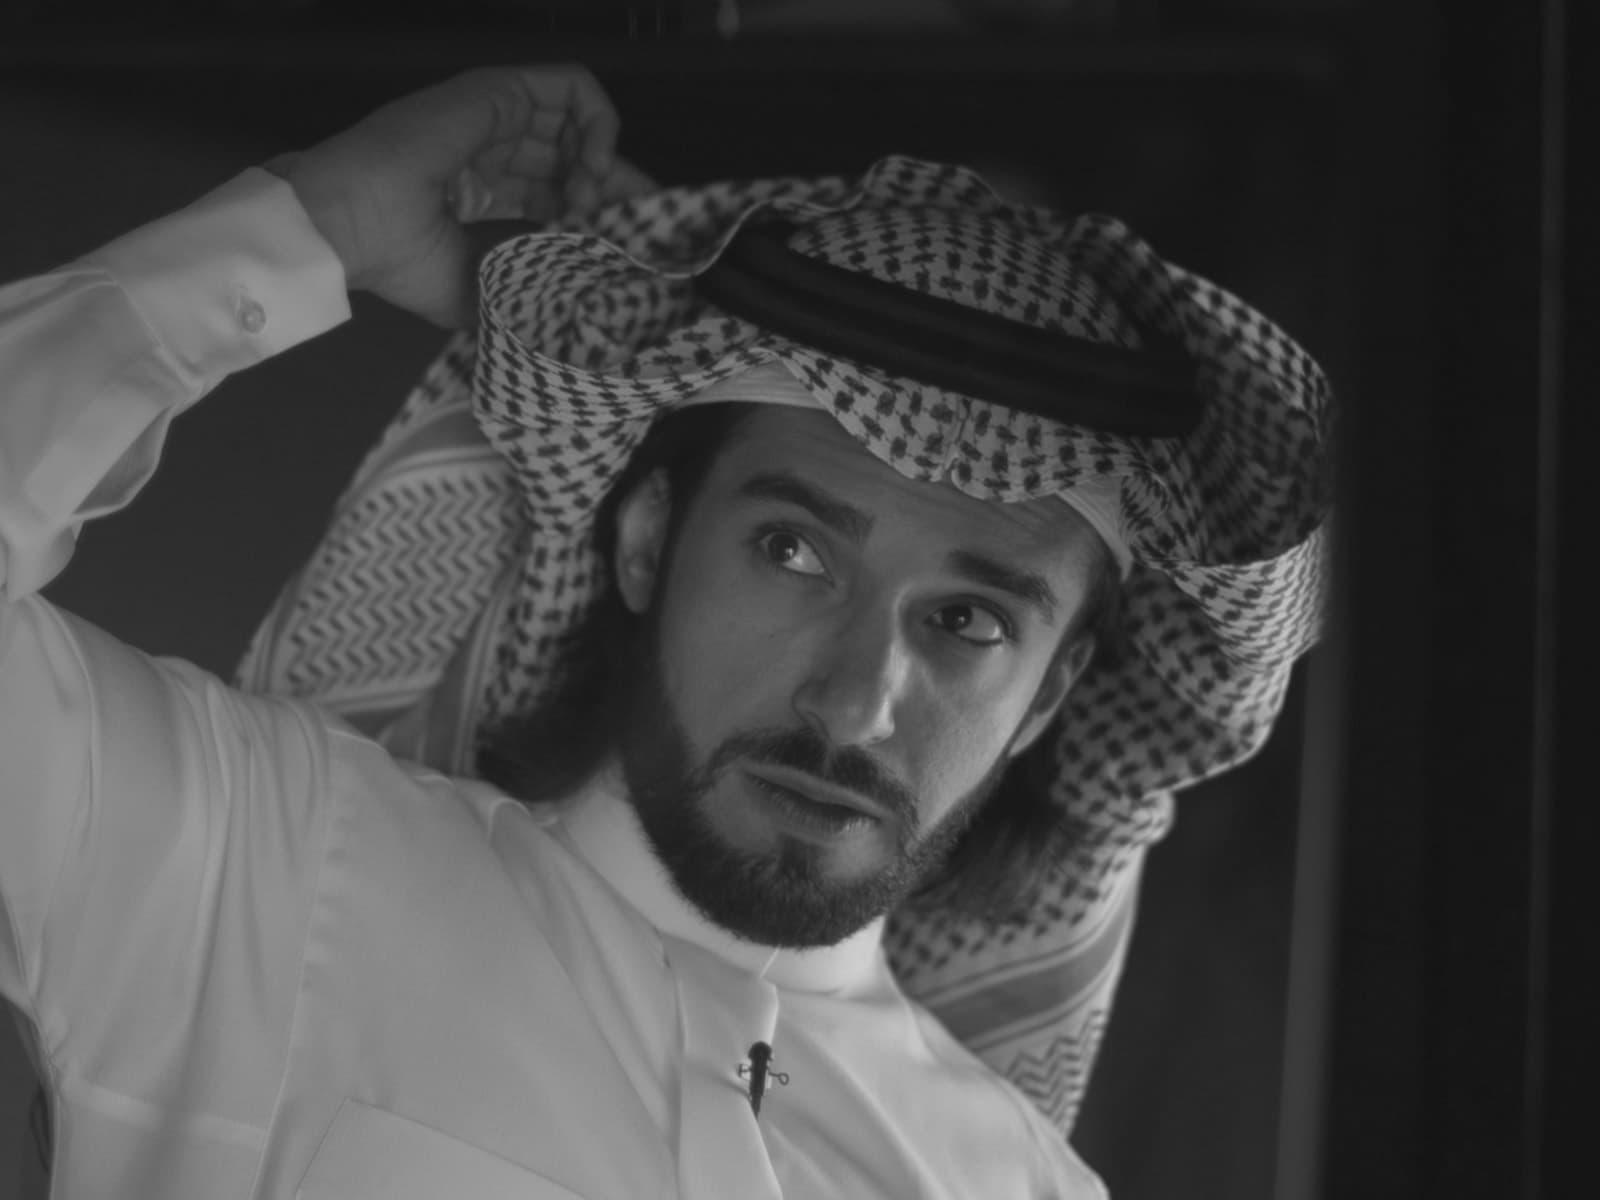 السعودي الذي ولد في لبنان